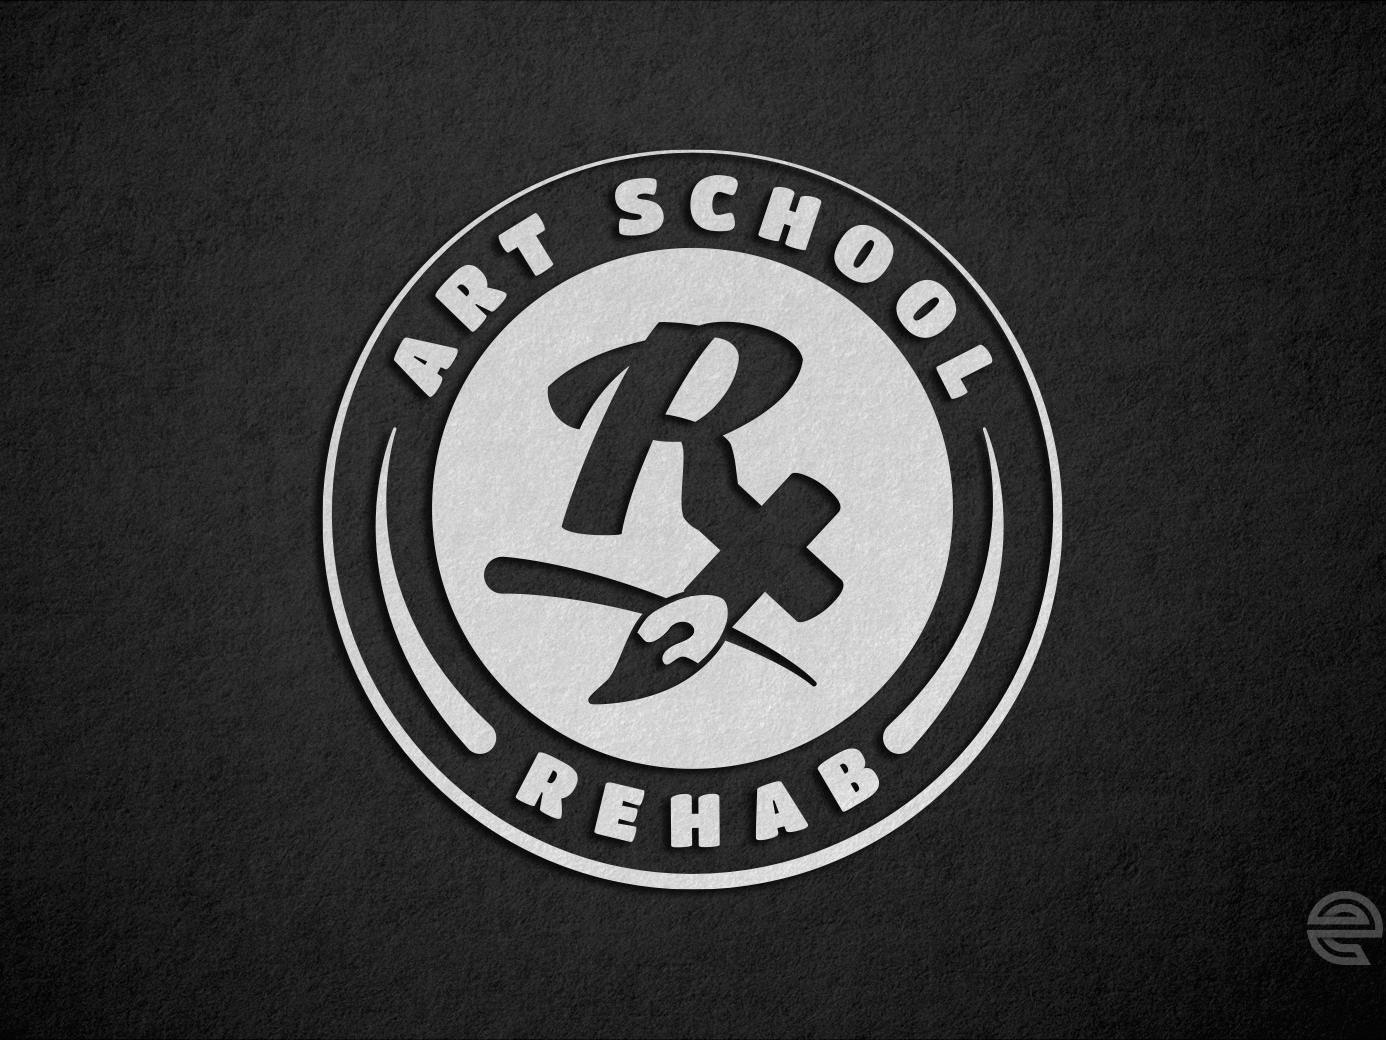 Art School Rehab Logo branding logo design black and white brand lettermark rehab art school art